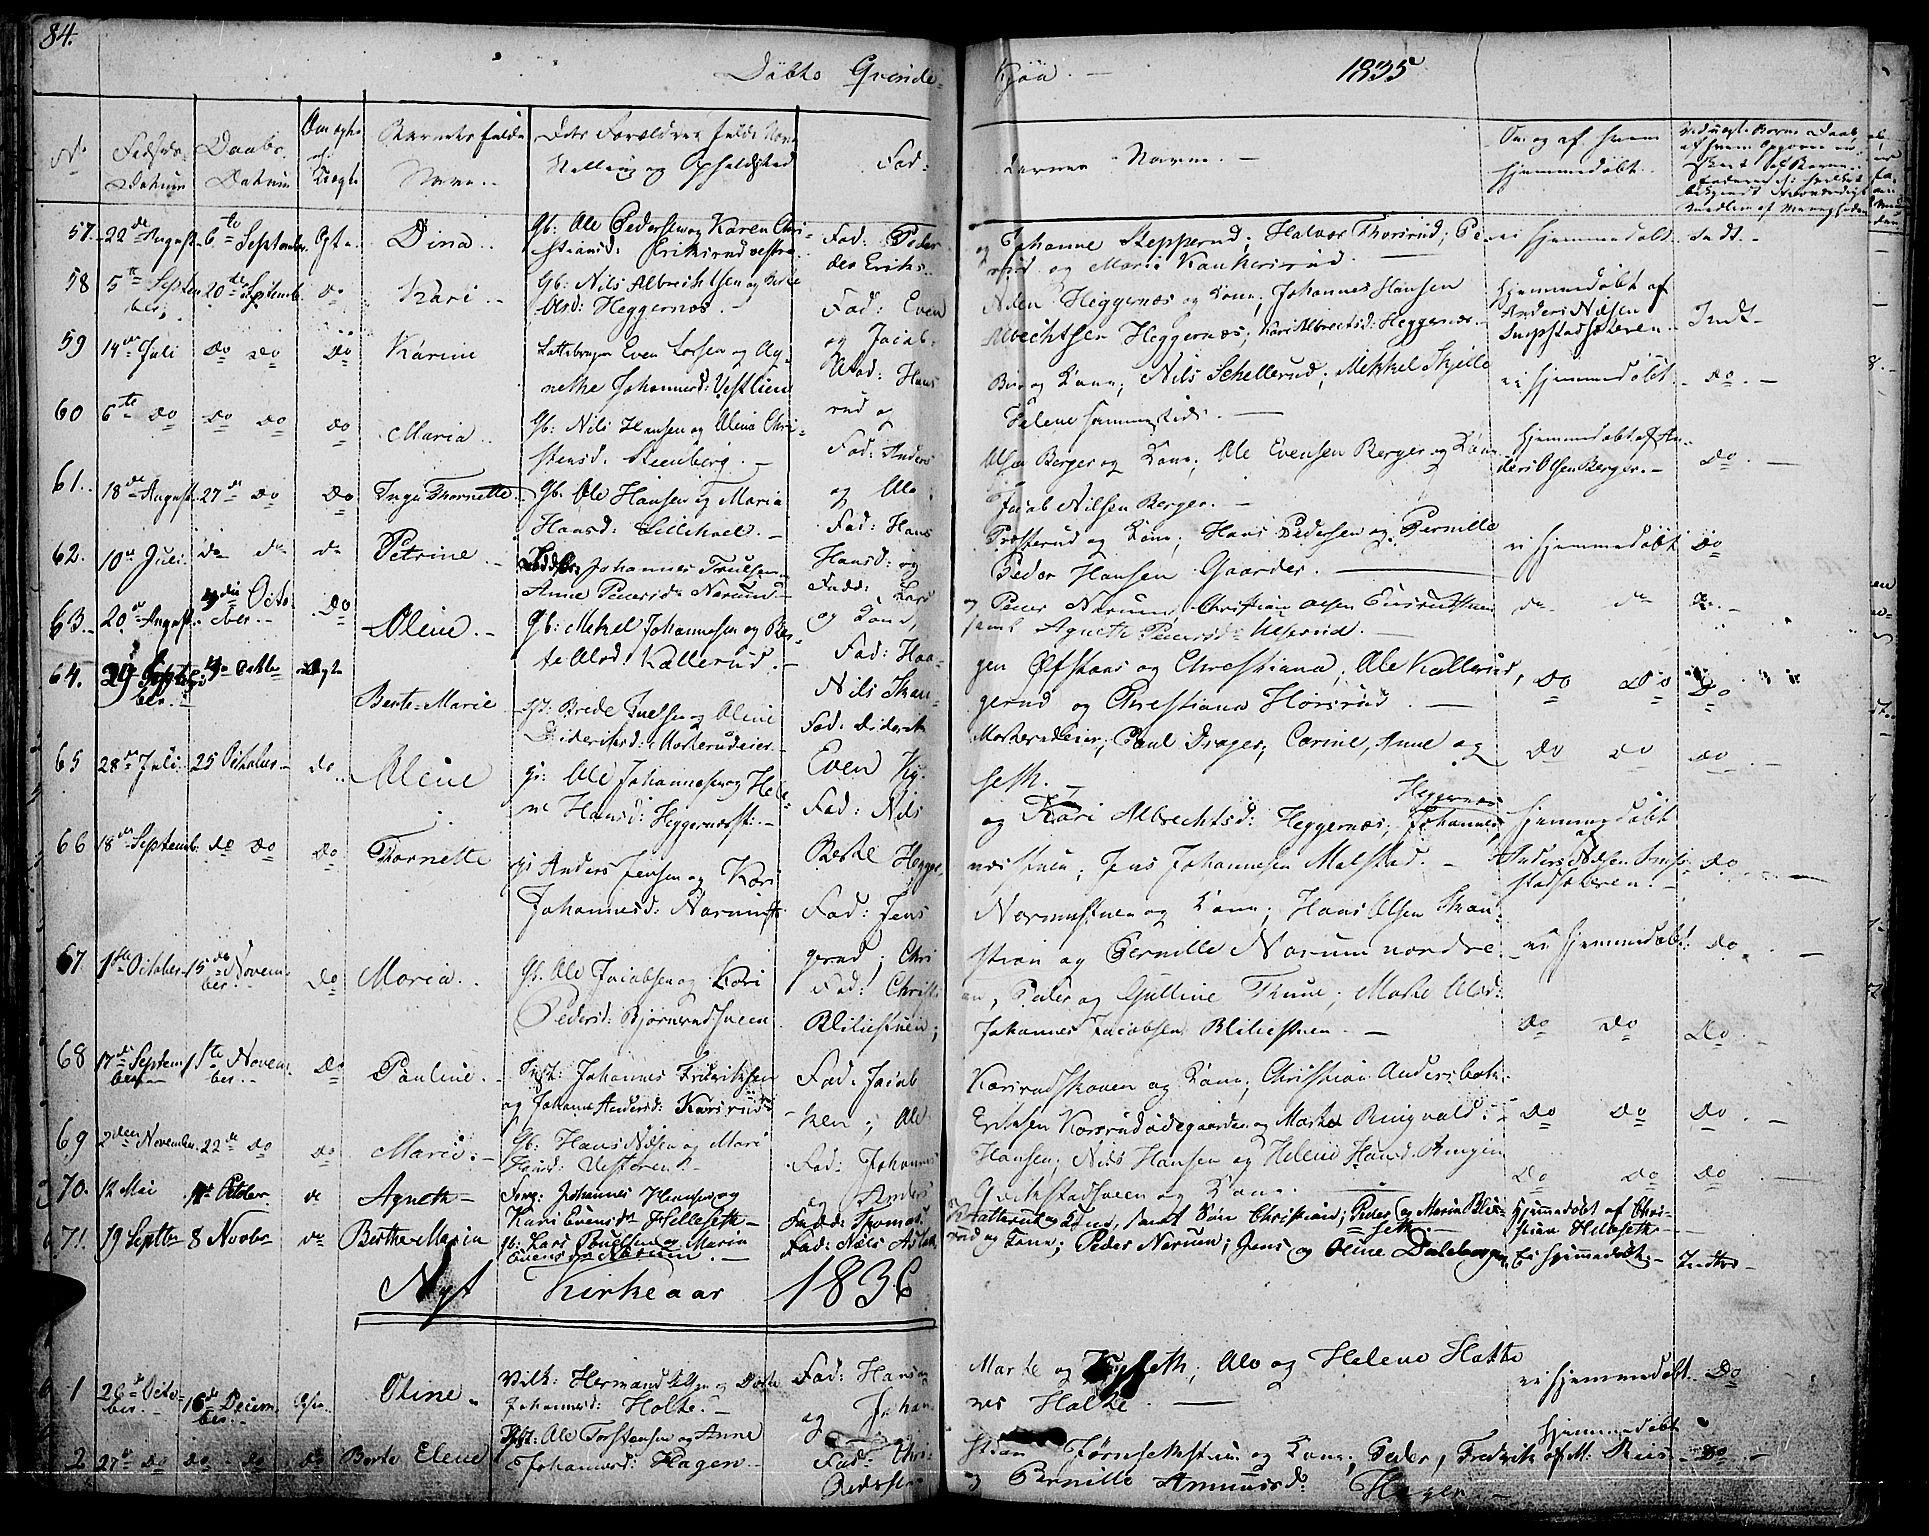 SAH, Vestre Toten prestekontor, Ministerialbok nr. 2, 1825-1837, s. 84